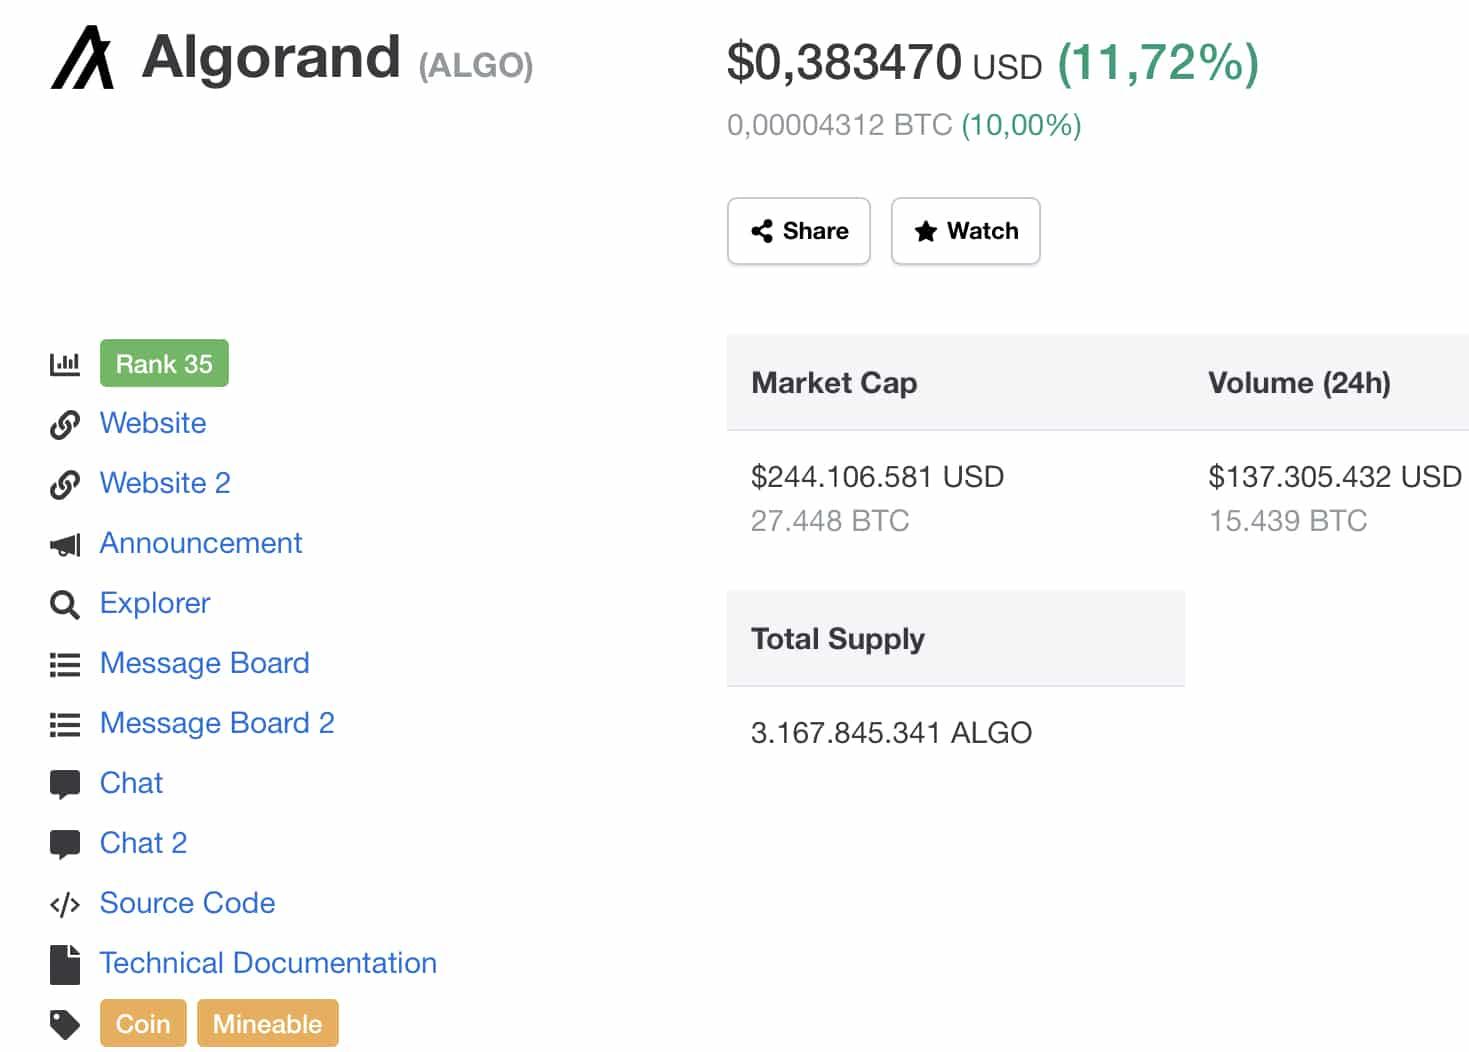 Algorand (ALGO) Fiyatı Bu Gelişmeyle Yükselişe Geçebilir 2